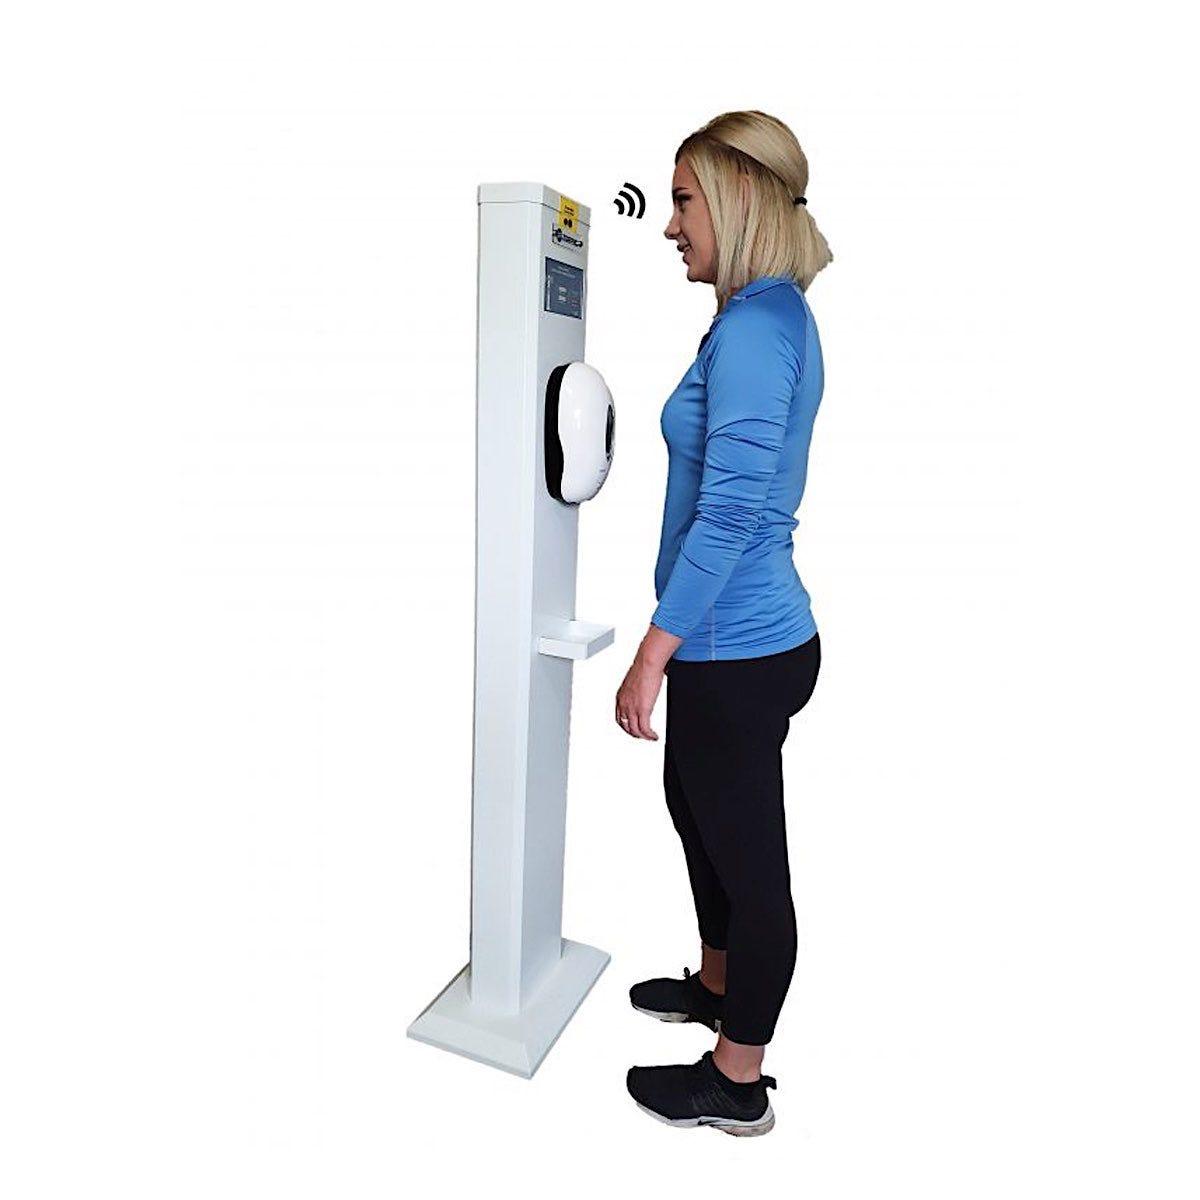 Zortemp 1000 Body Temperature Infrared Scanner